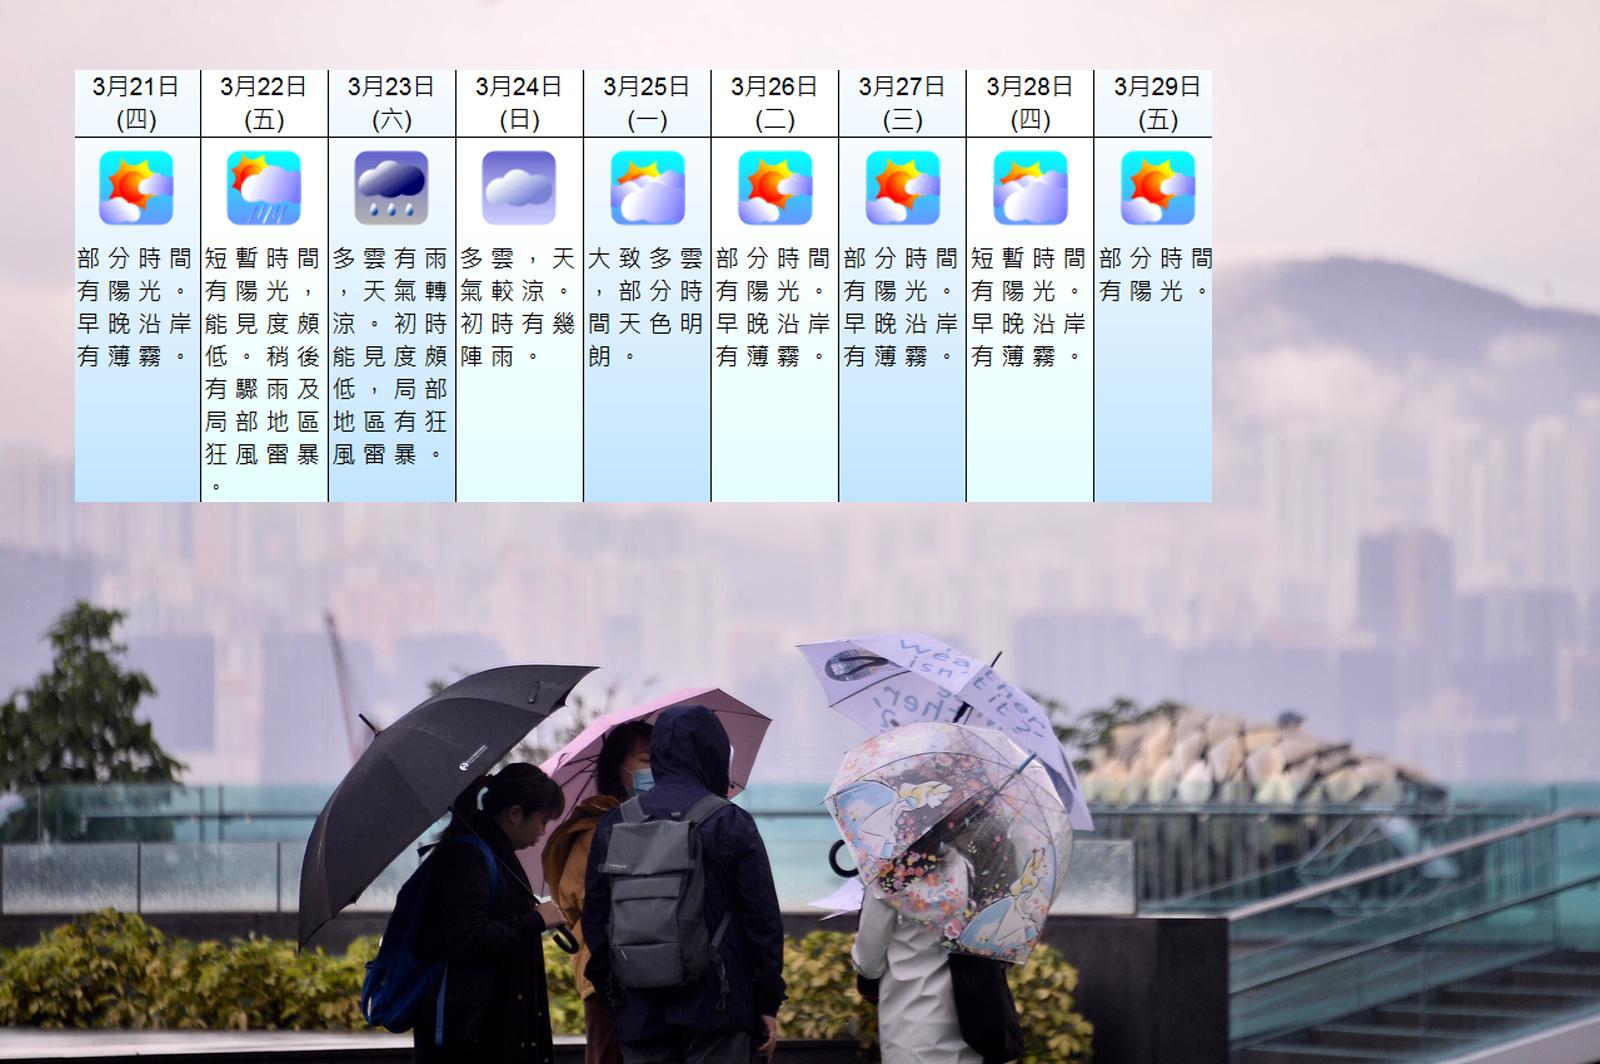 天文台表示,预料一道冷锋会在周五稍后横过华南沿岸并为该区带来雷雨。 资料图片及天文台网页截图